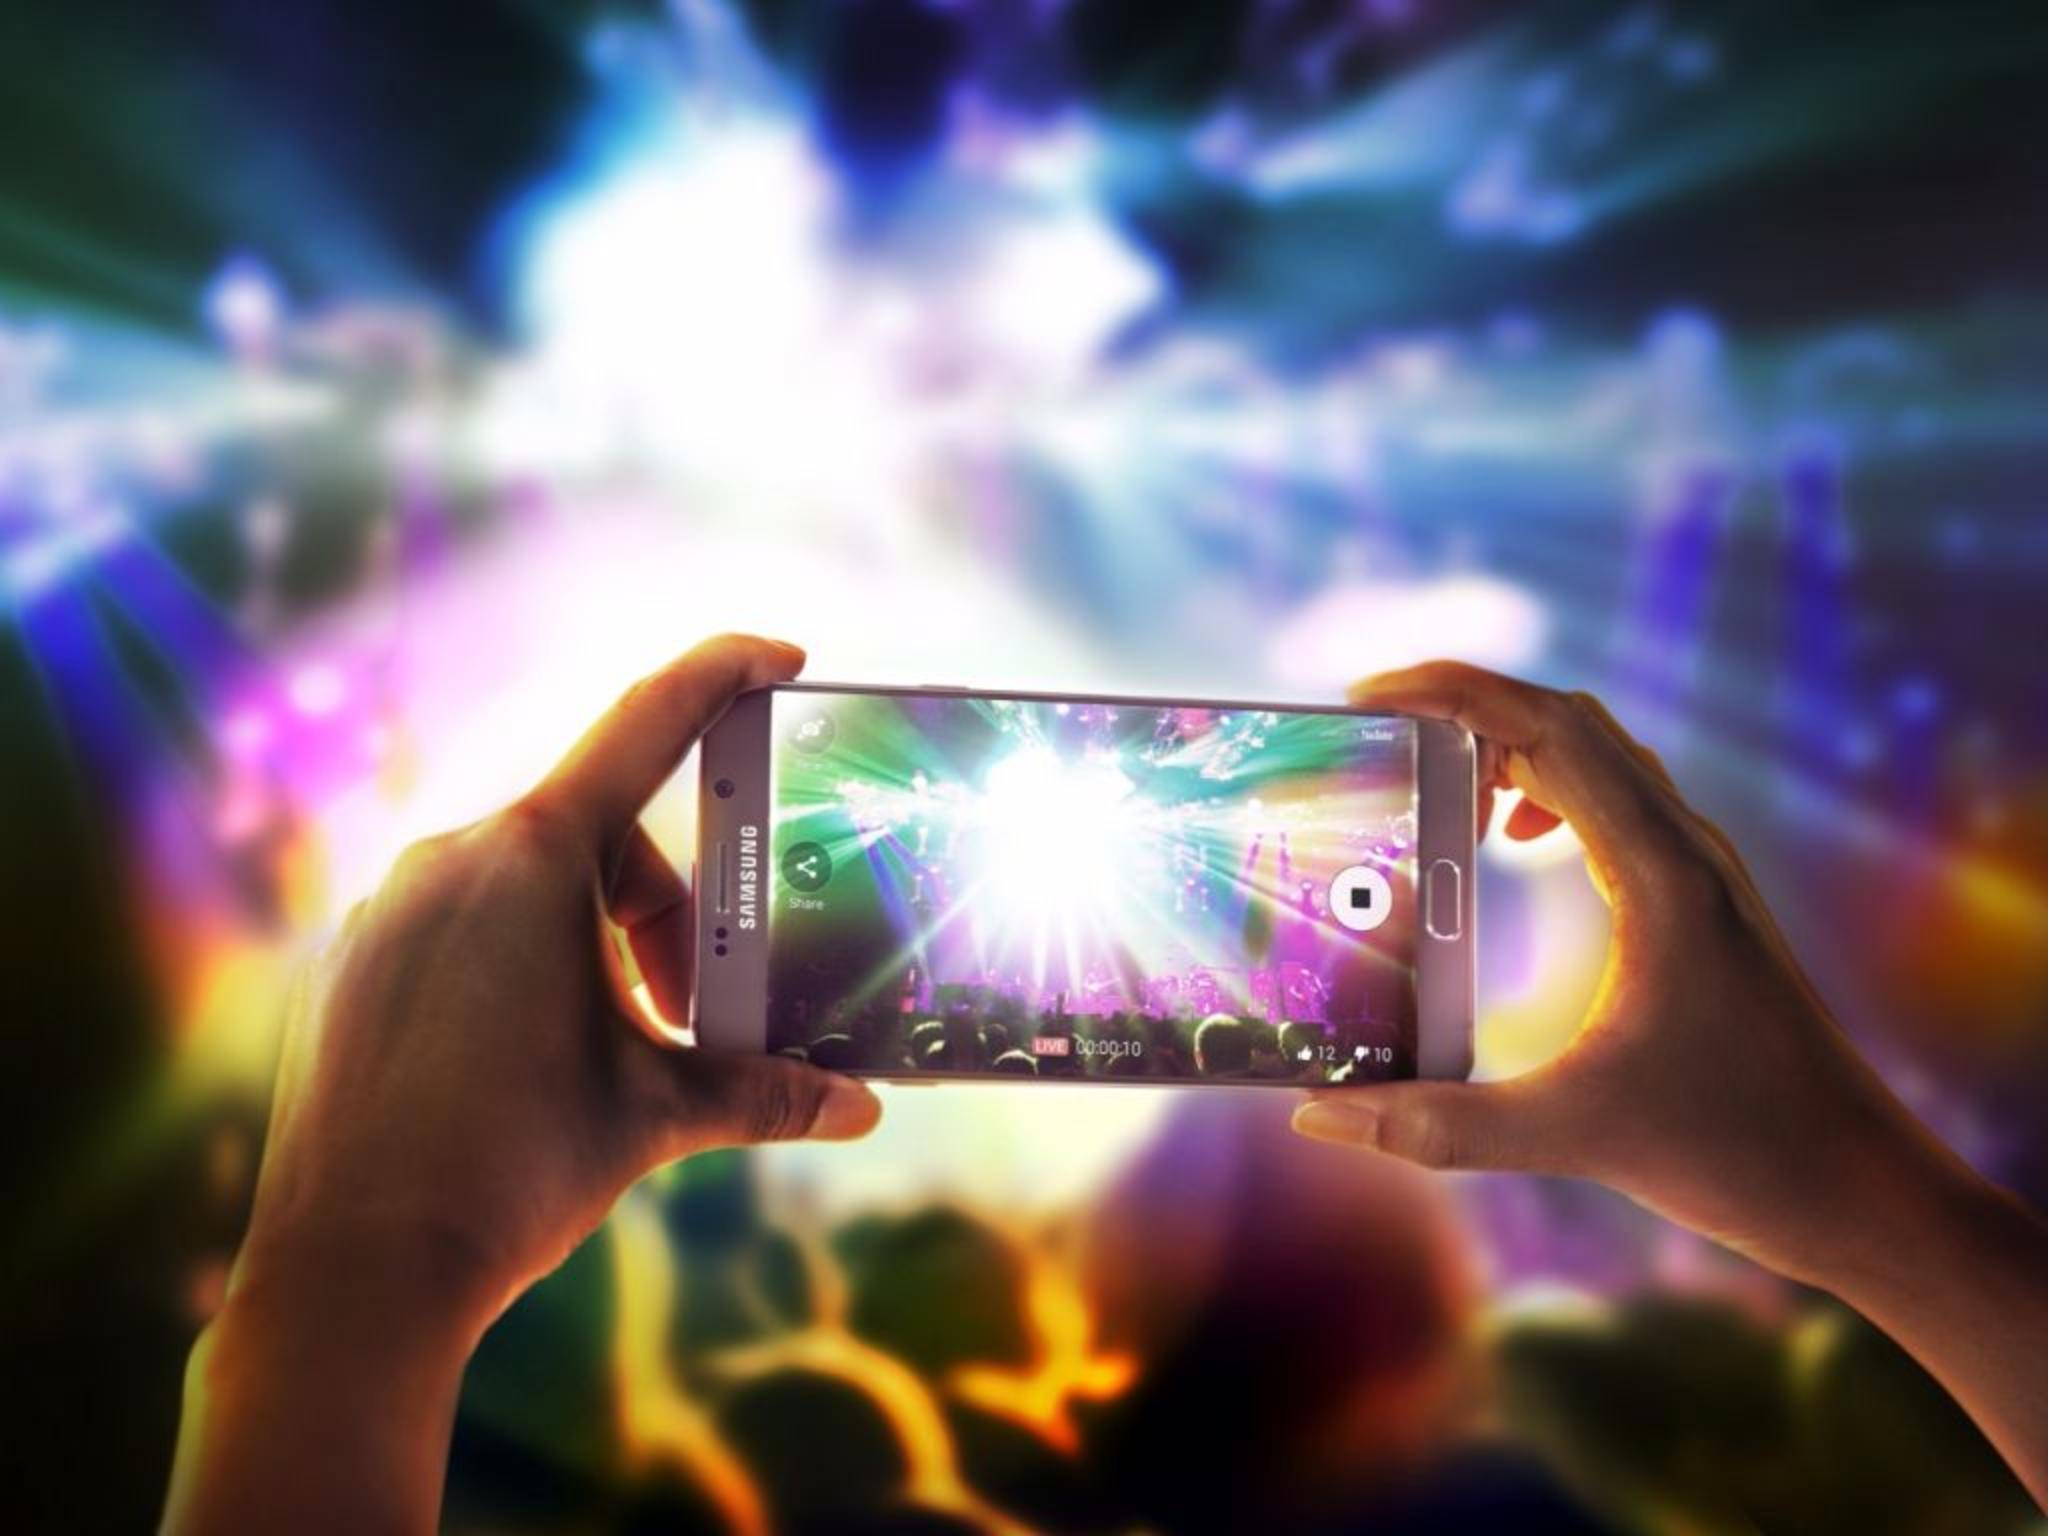 Einer der Stars der aktuellen Woche: das neue Samsung Galaxy Note 5.